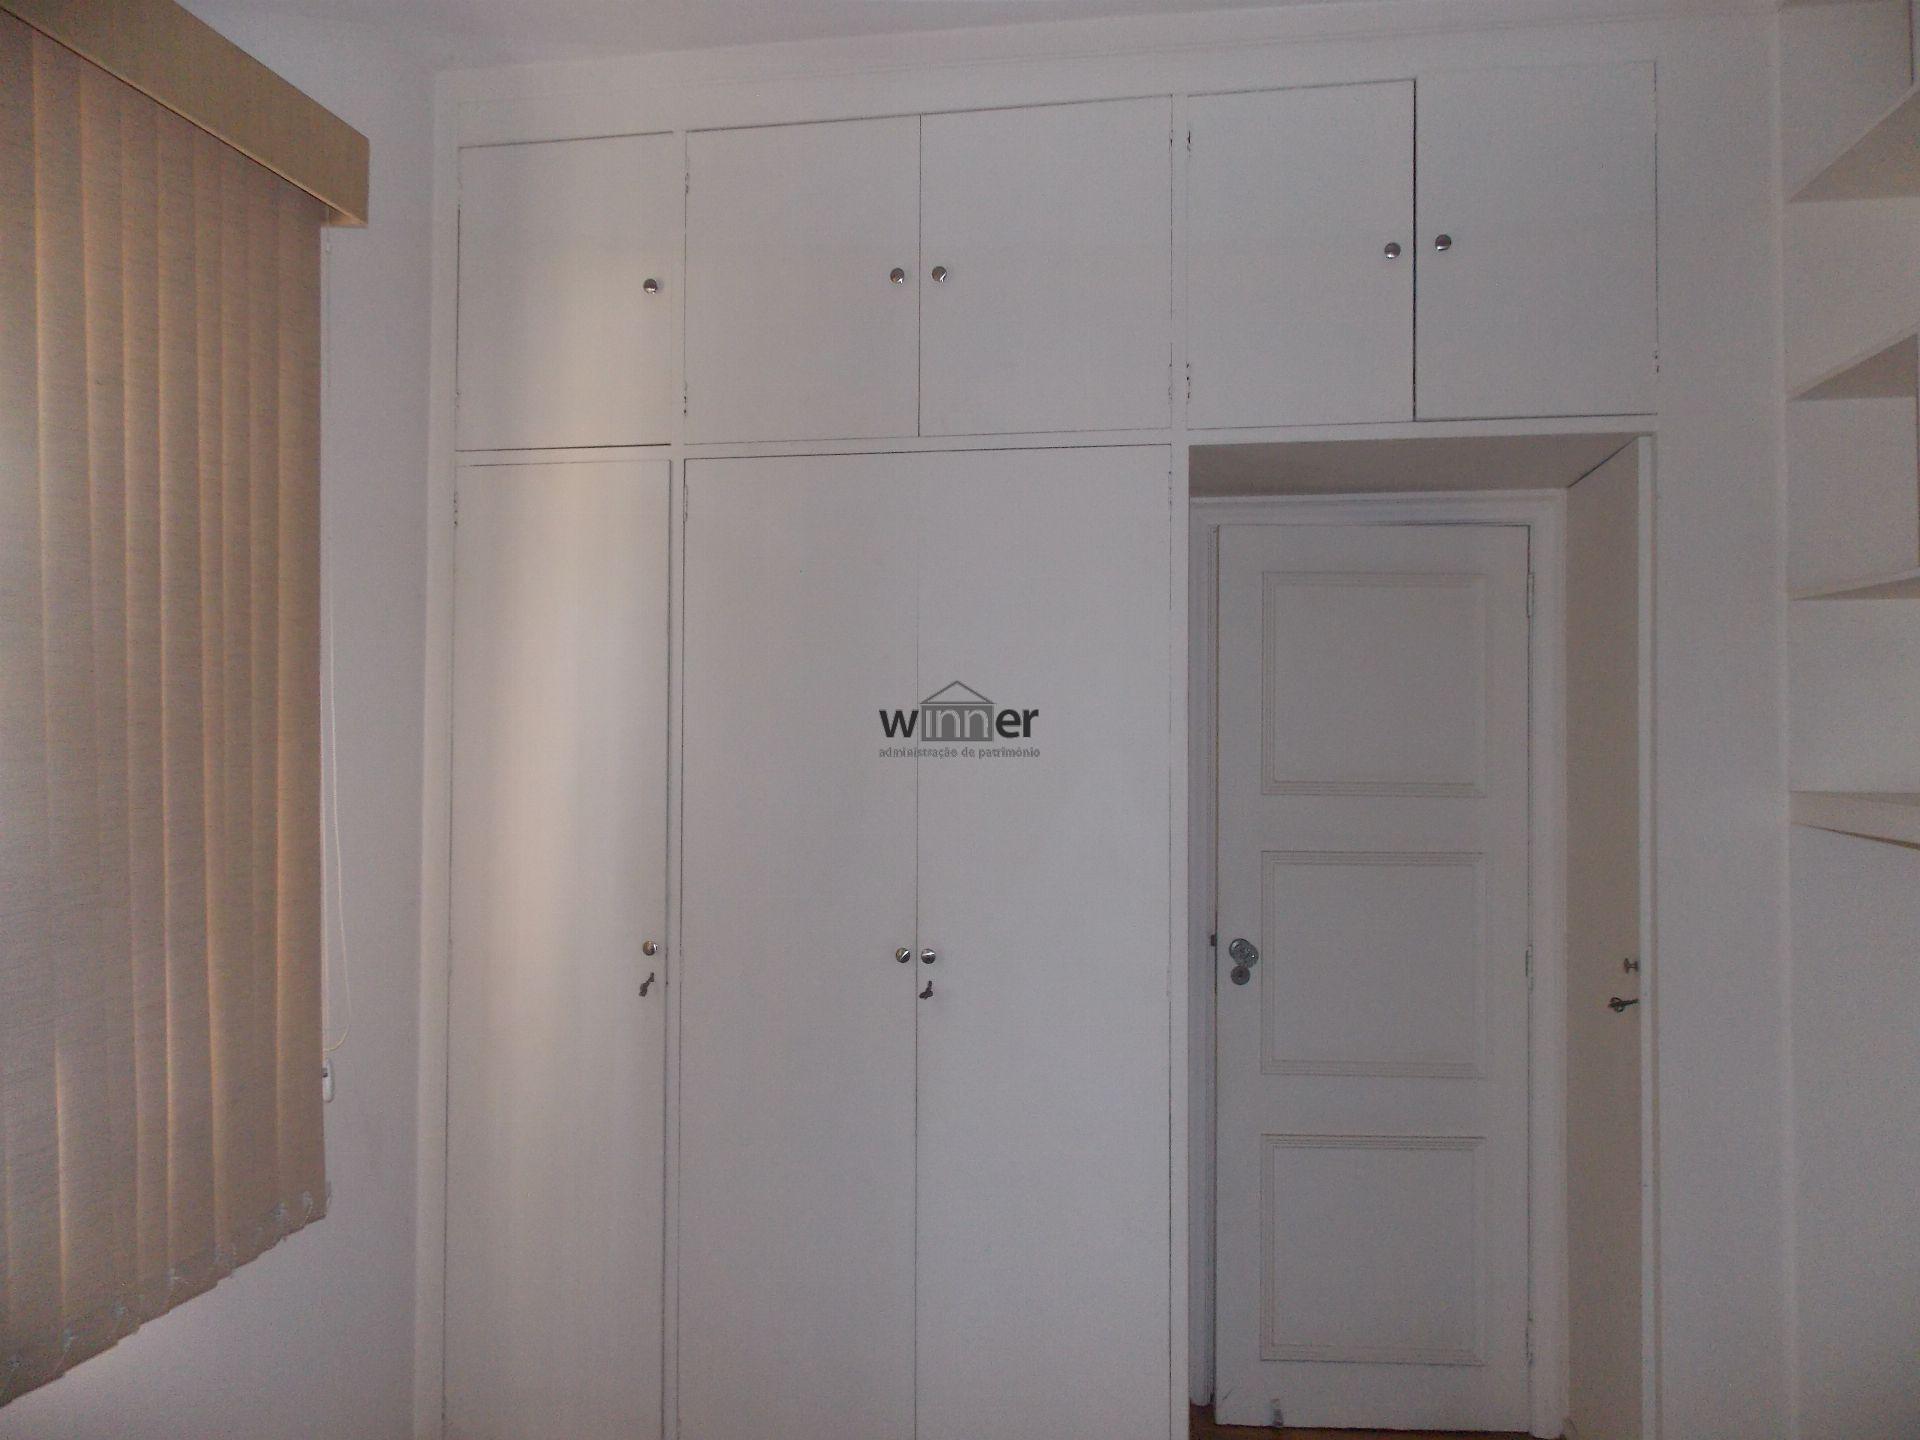 Apartamento para alugar , Santa Teresa, Rio de Janeiro, RJ - 0993-002 - 14